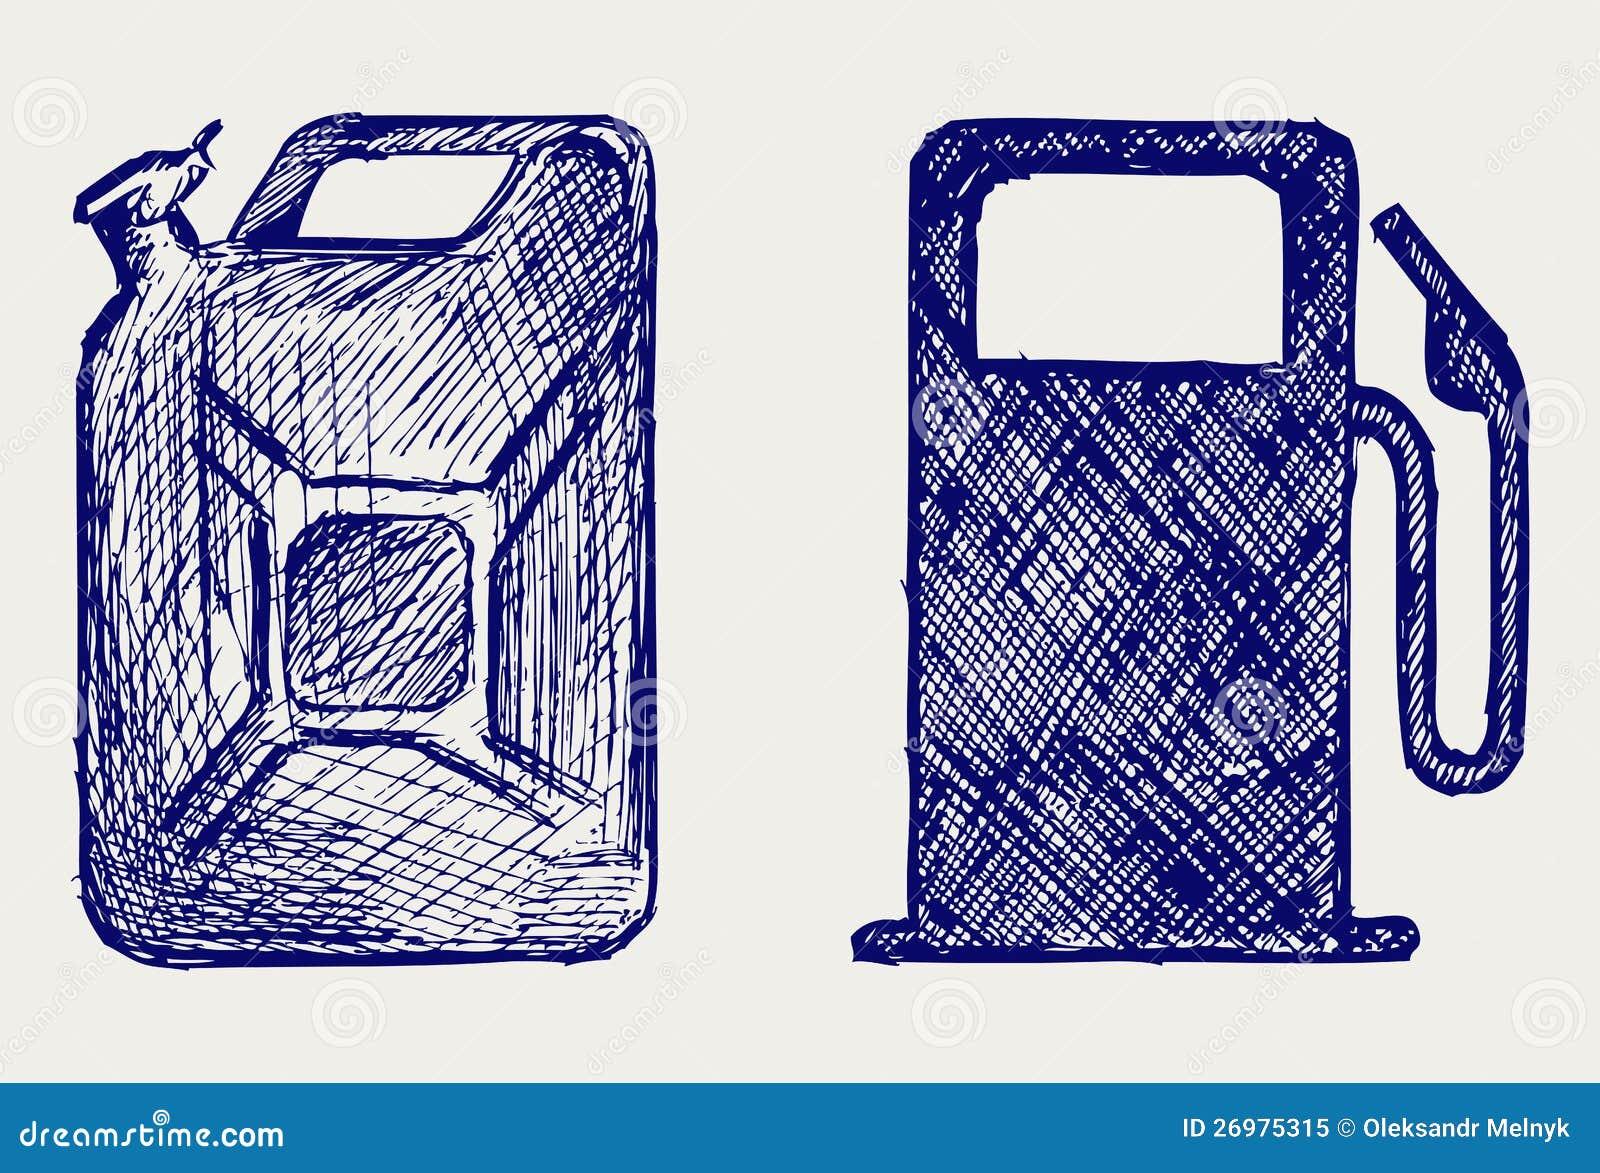 Канистра с бензином рисунок